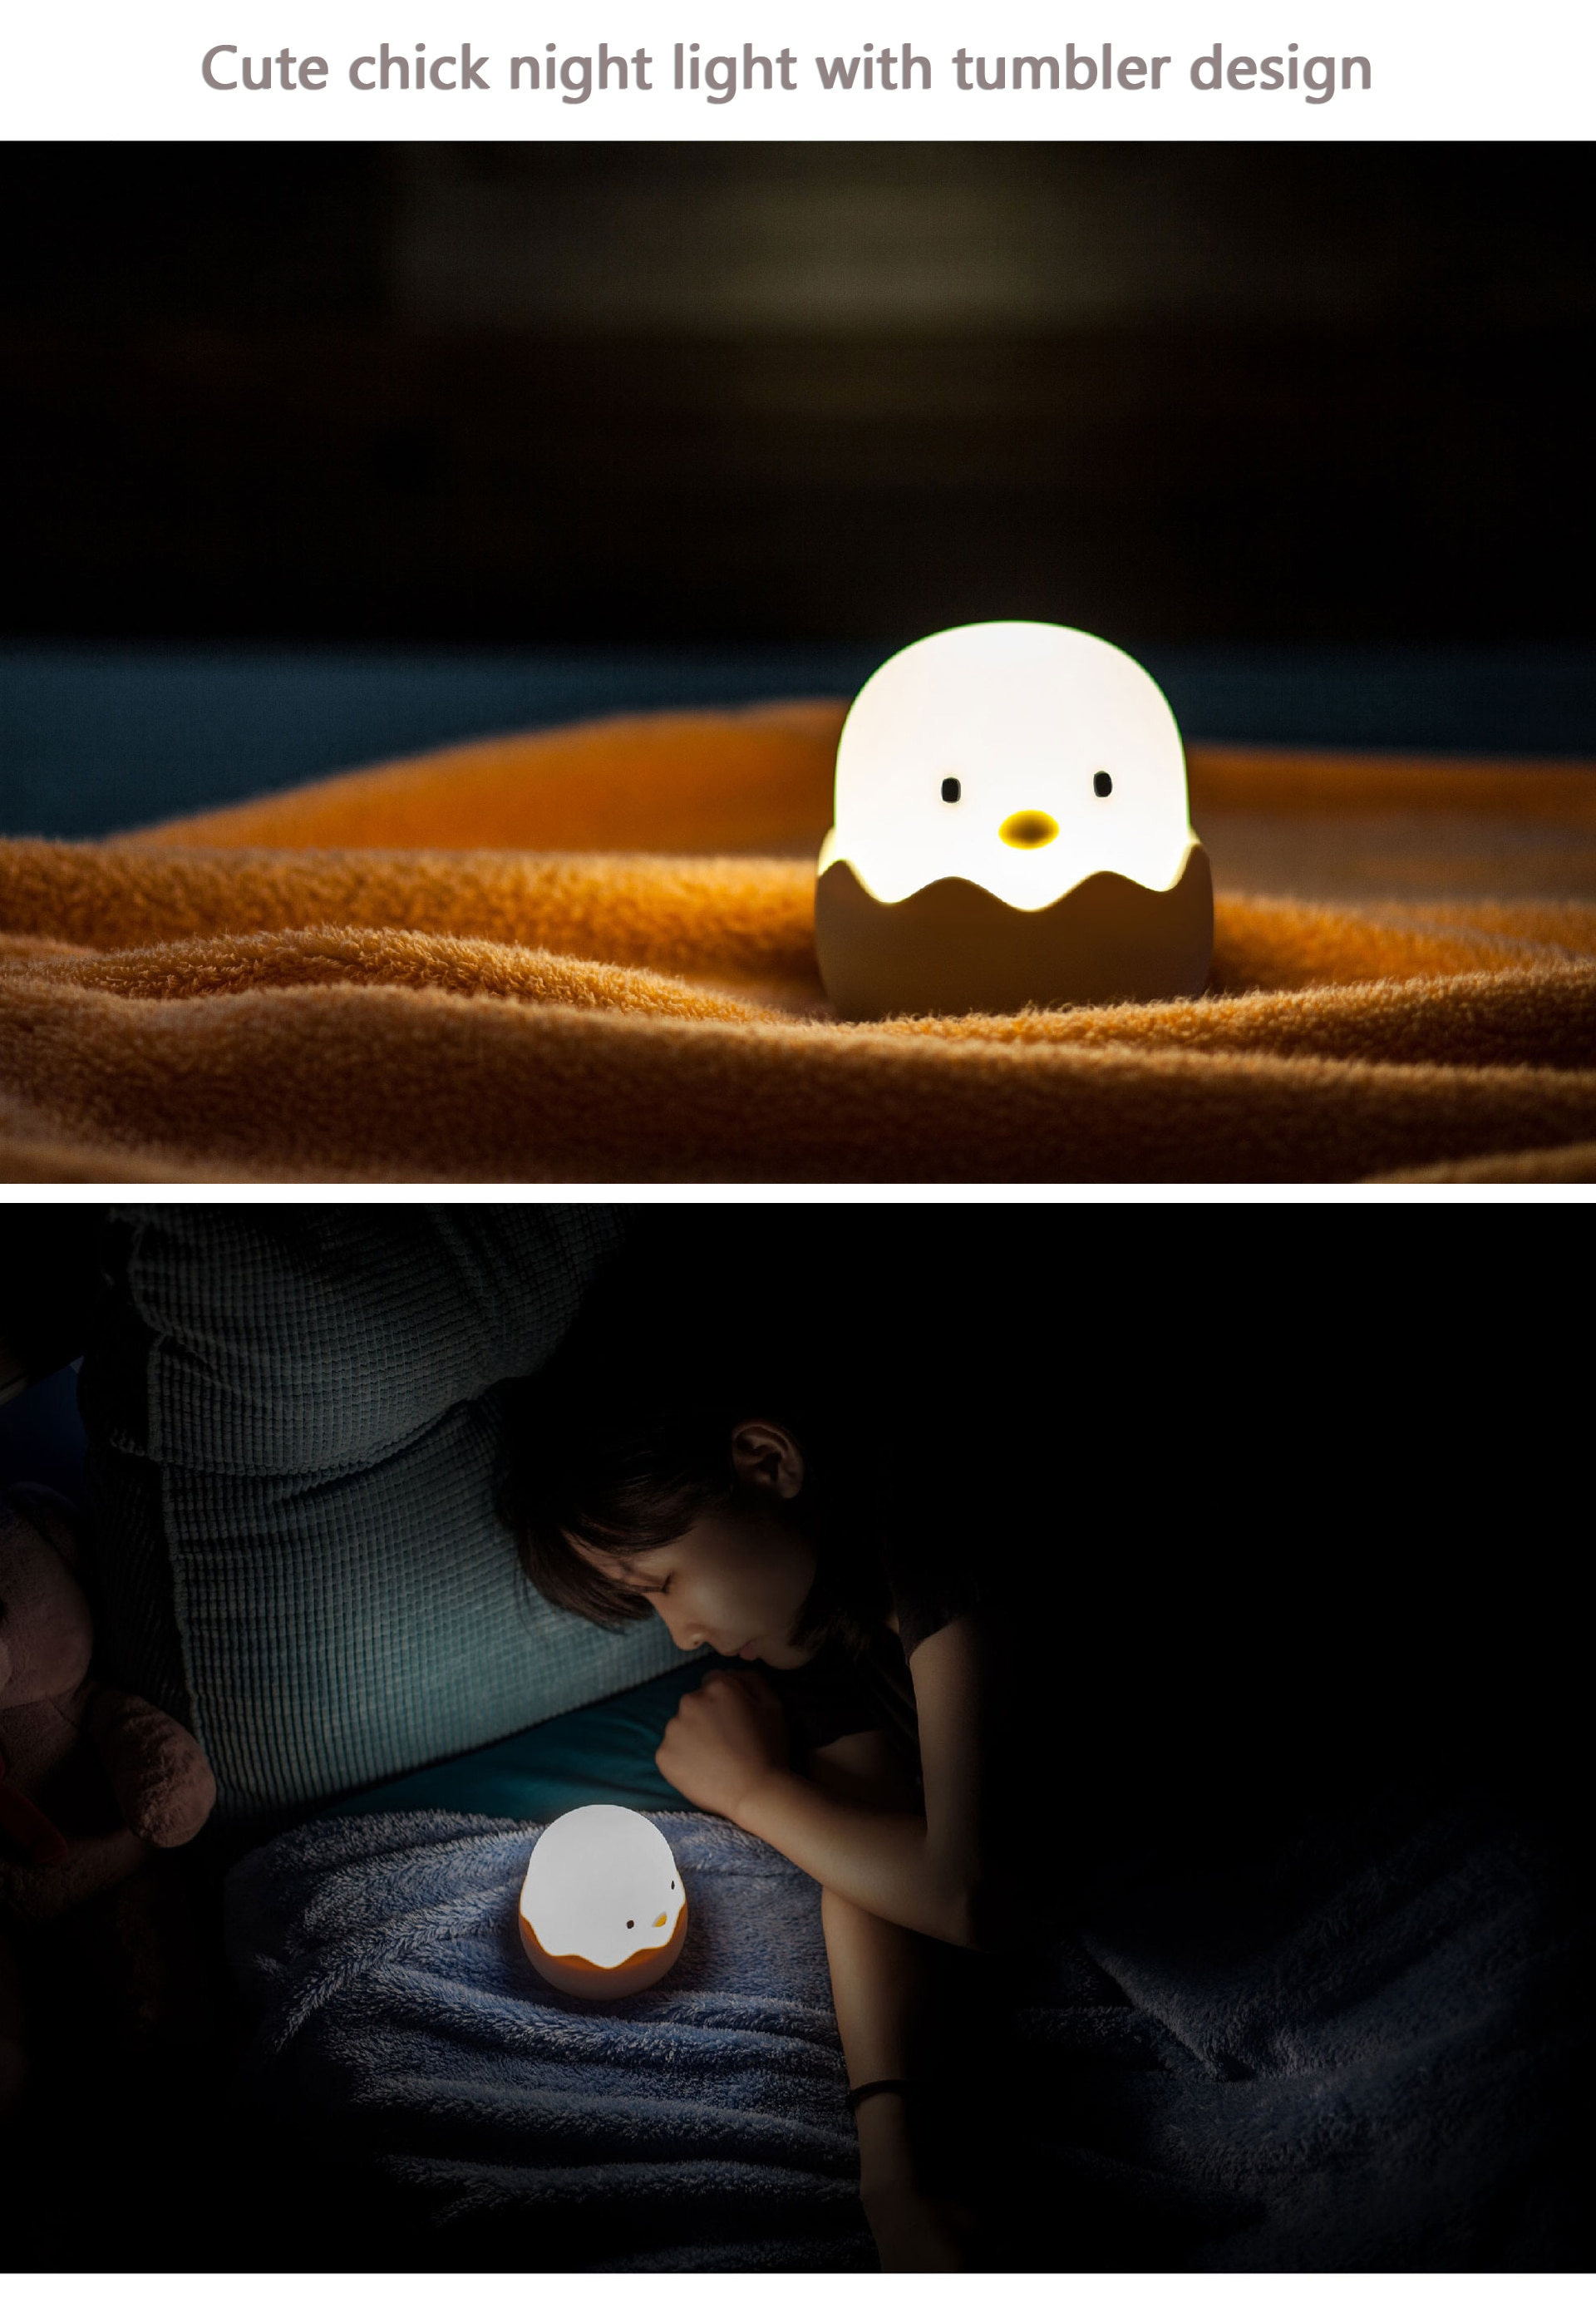 ילדים לילה אפרוח אור לילה לתינוק מתכוונן סיליקון אור עם חיישן מגע חמוד יצירתי מעטפת לילה תינוק